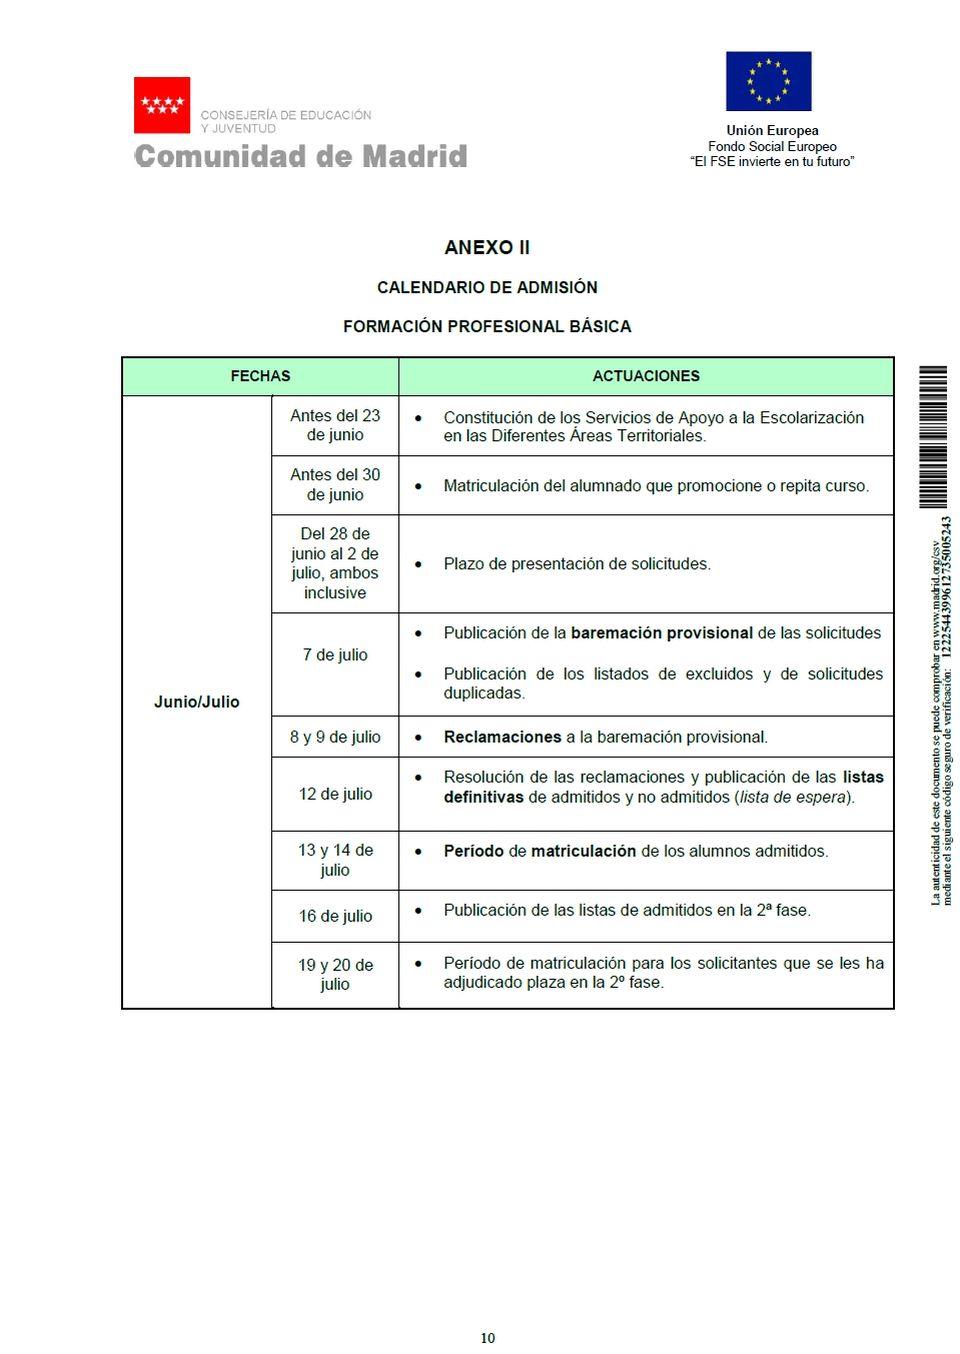 FPB Anexo II - Calendario de admisión